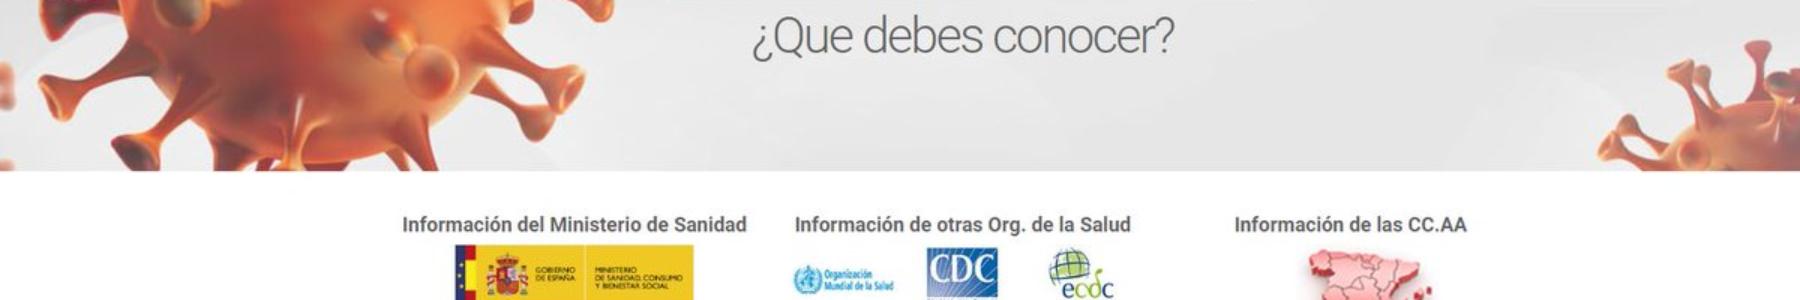 COVID 2019. Diputación + Saludable